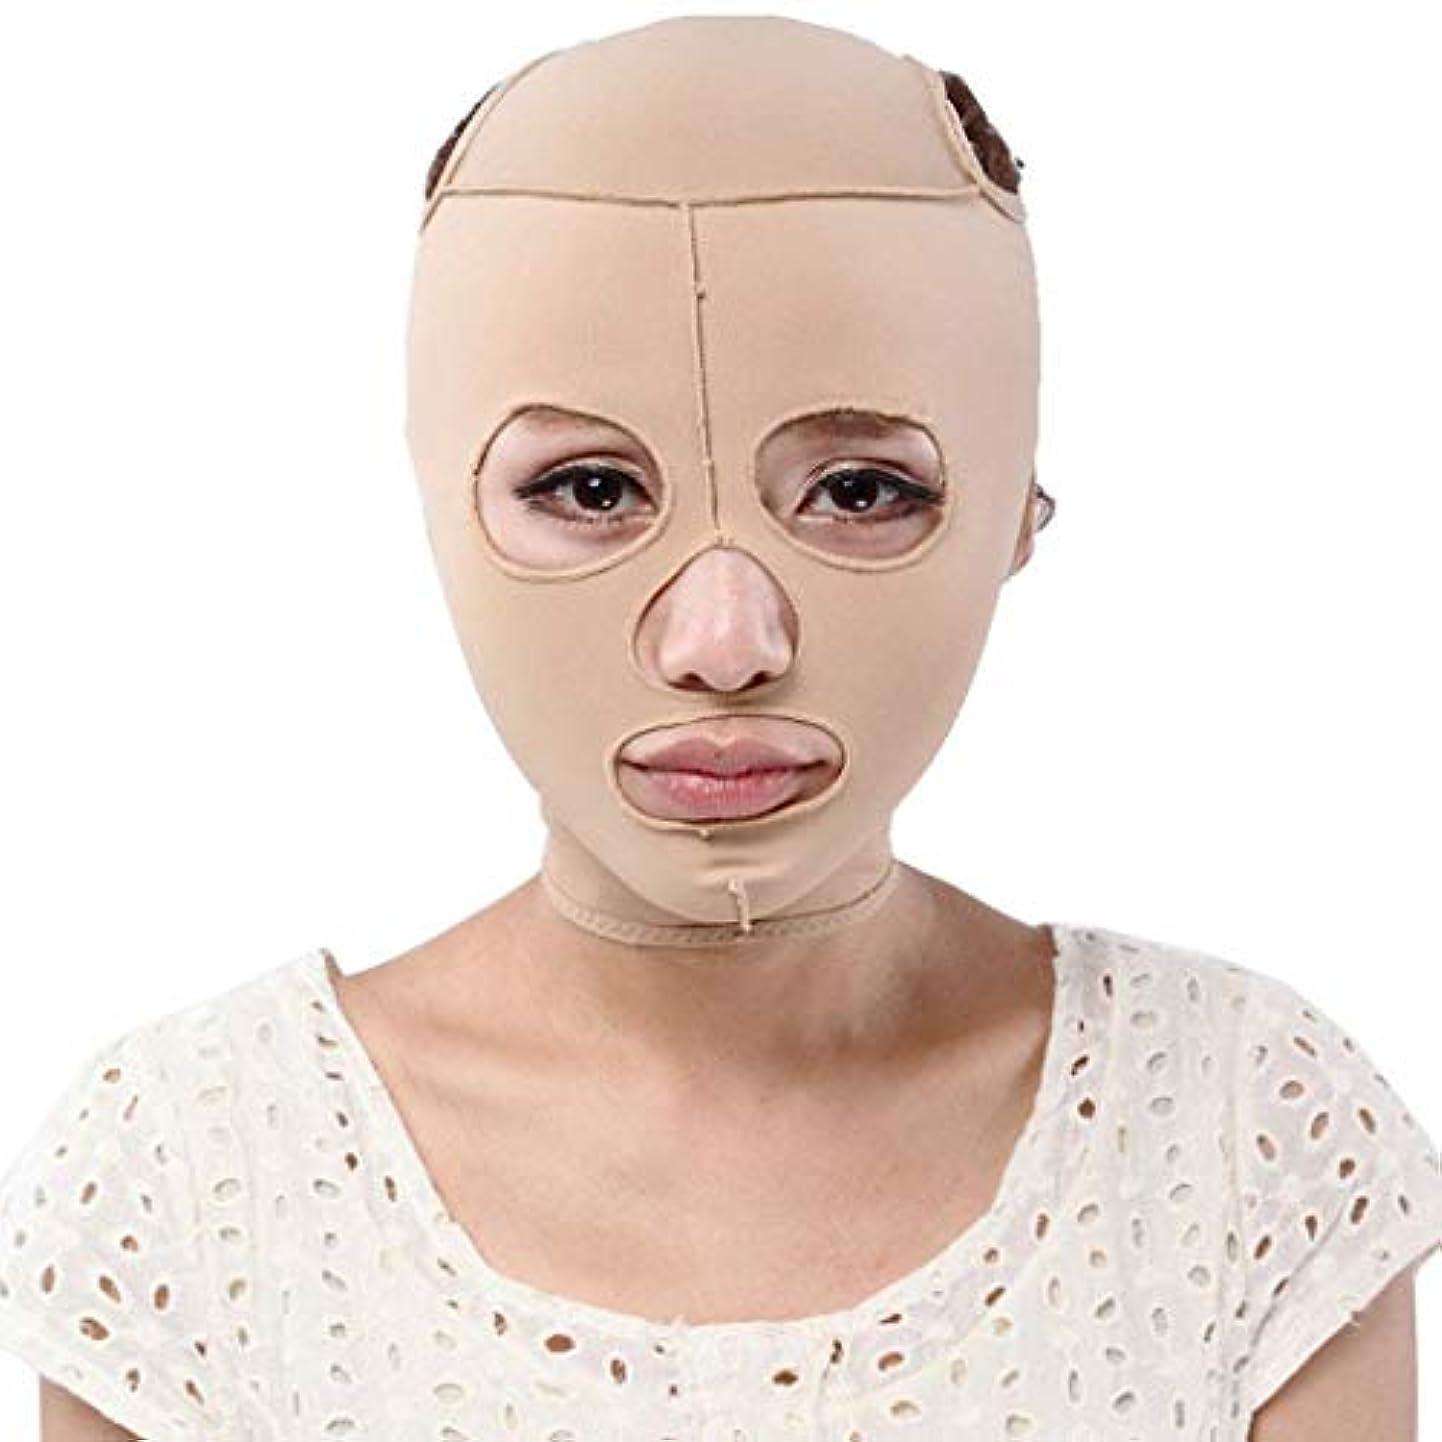 謙虚な何ホールドオールフェイシャルスリミングマスク、フェイスリフティング包帯Vフェイスリフティングおよびリフティング/チンブラッシュスリムボディリダクションダブルチン減量包帯通気性、肌(XL) (S)